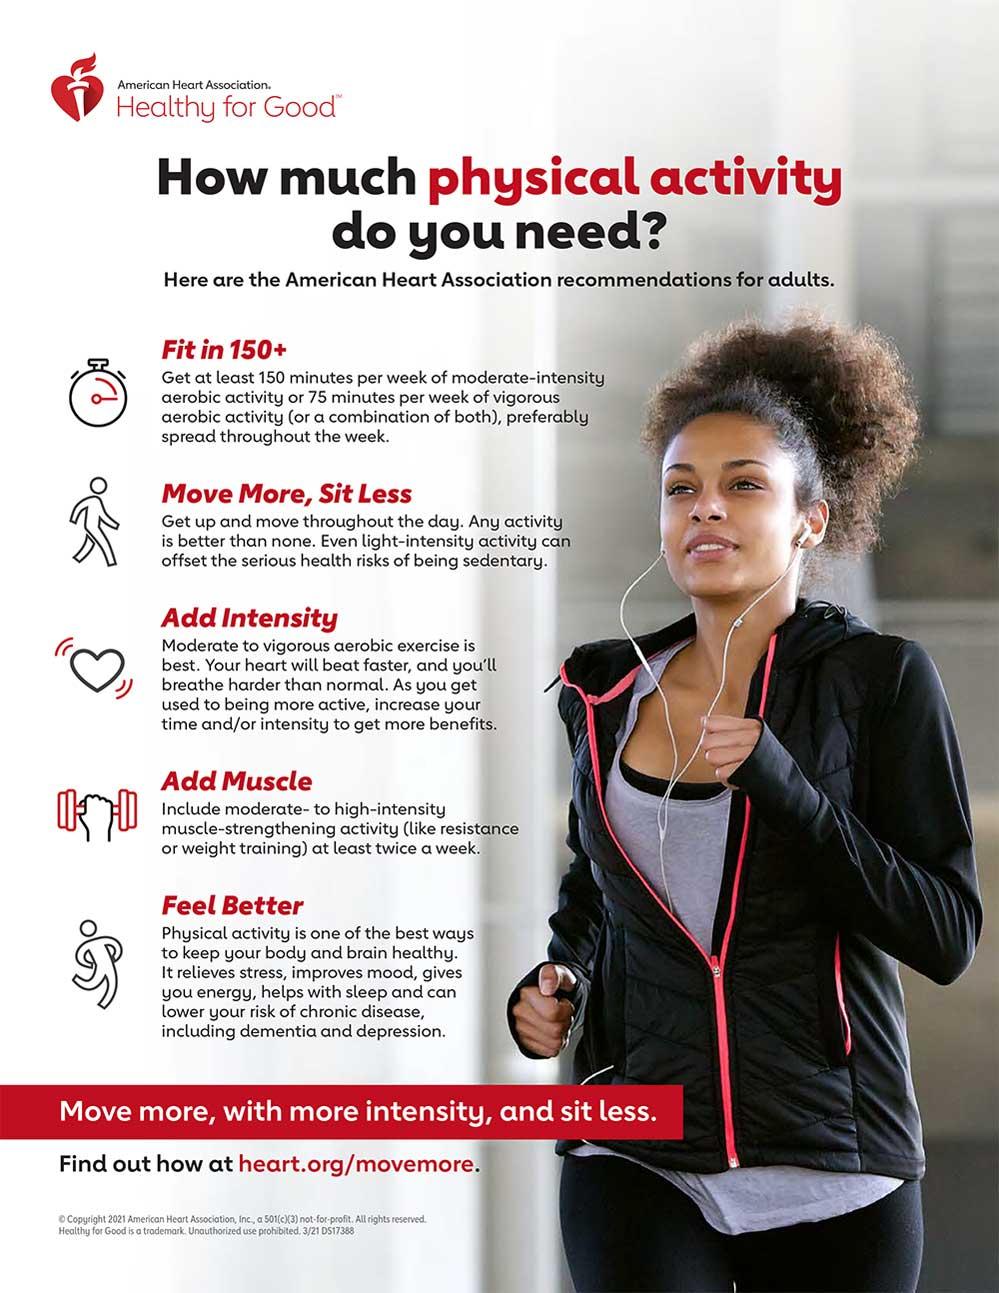 Imagen de la infografía de recomendaciones de actividad física de la AHA